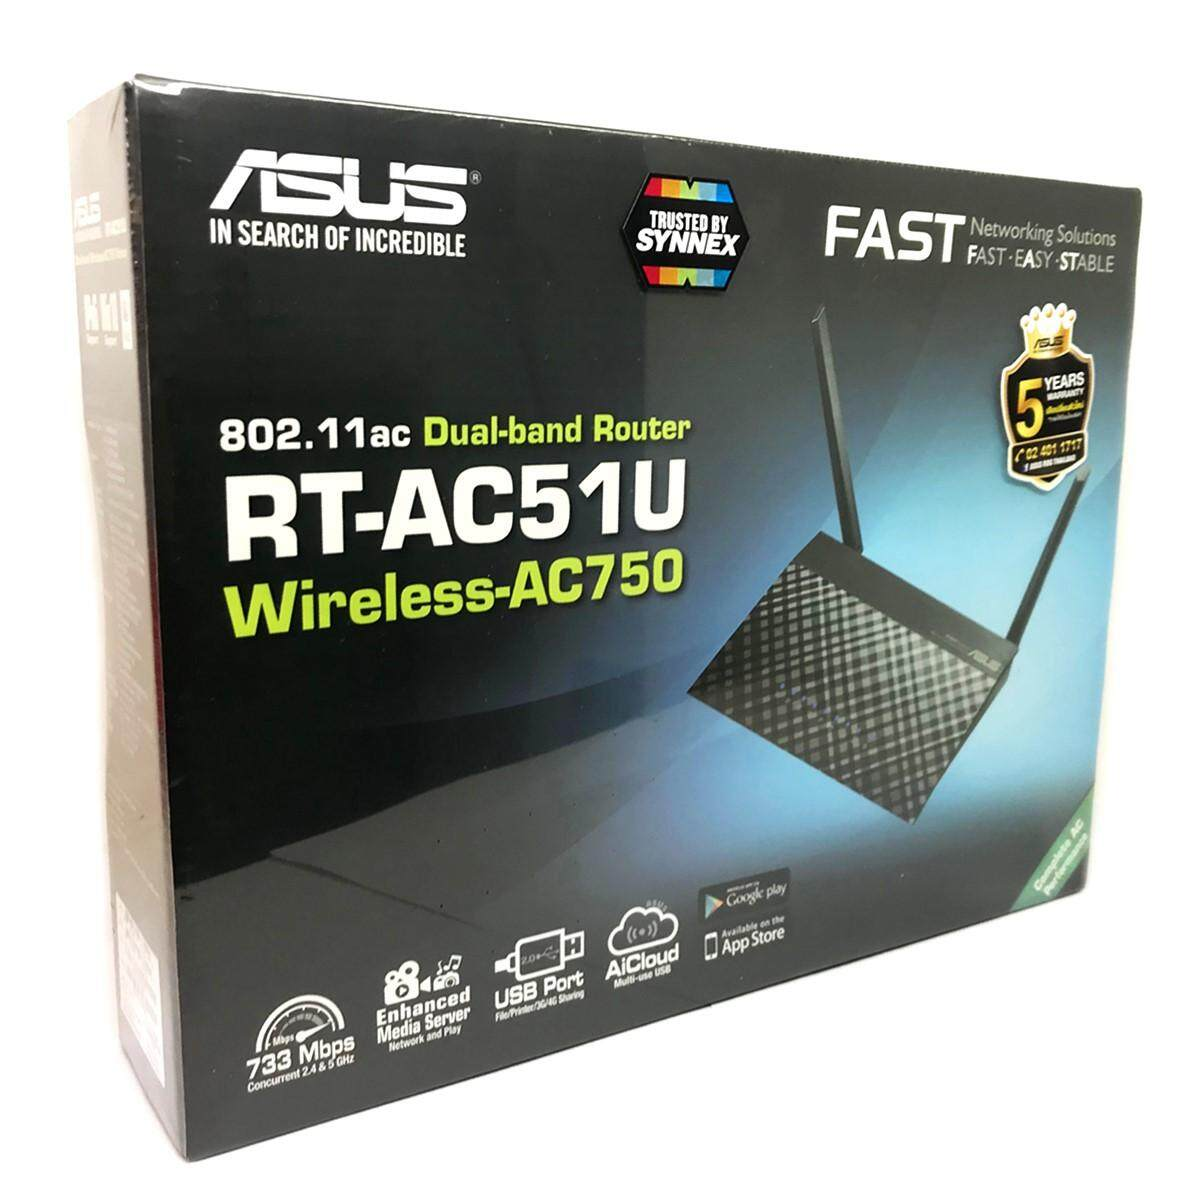 เก็บเงินปลายทางได้ ASUS RT-AC51U ส่งโดยKERRY ประกันศูนย์5ปีSynnex Dual-Band AC750 wireless router